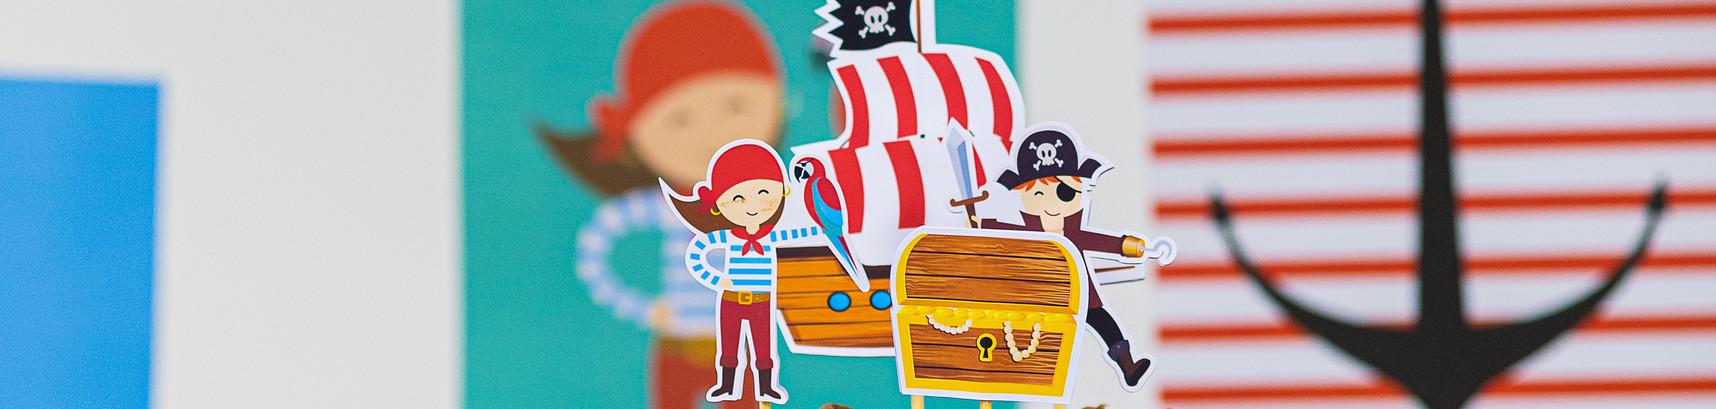 Piratas-14.jpg